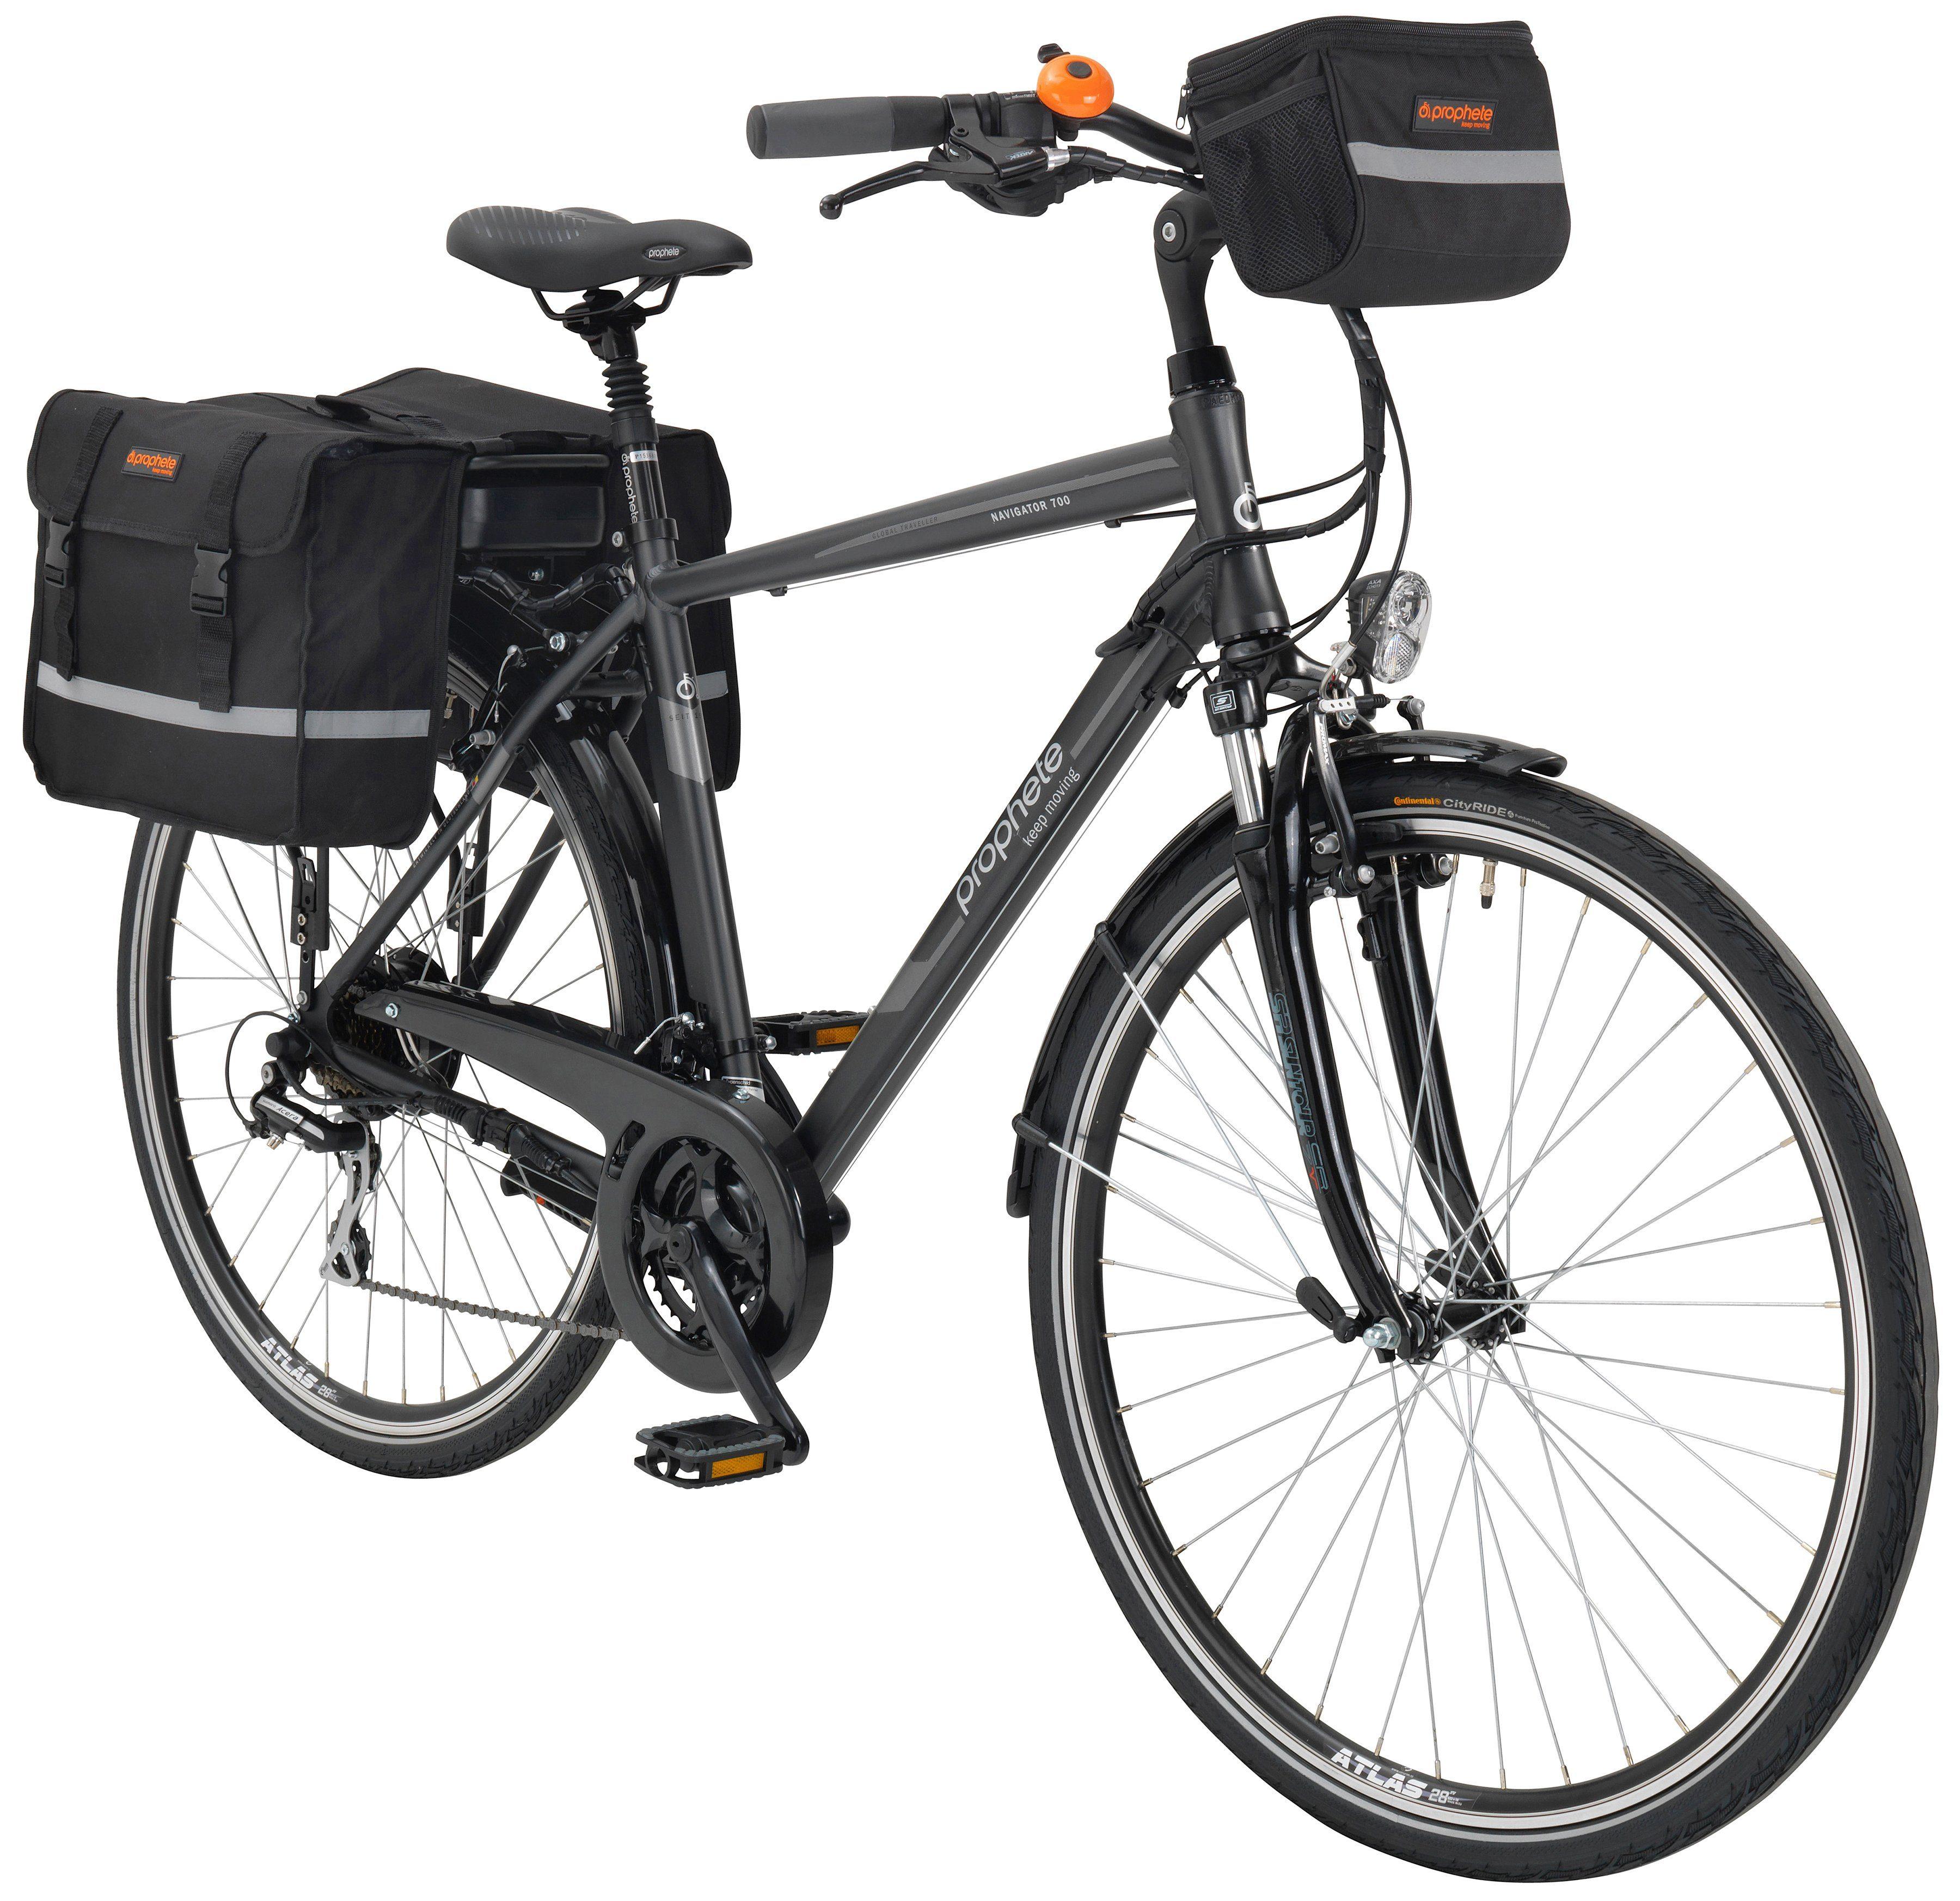 Prophete E-Bike Trekking Herren »Navigator 700«, 28 Zoll, 24 Gang, Heckmotor, 374 Wh